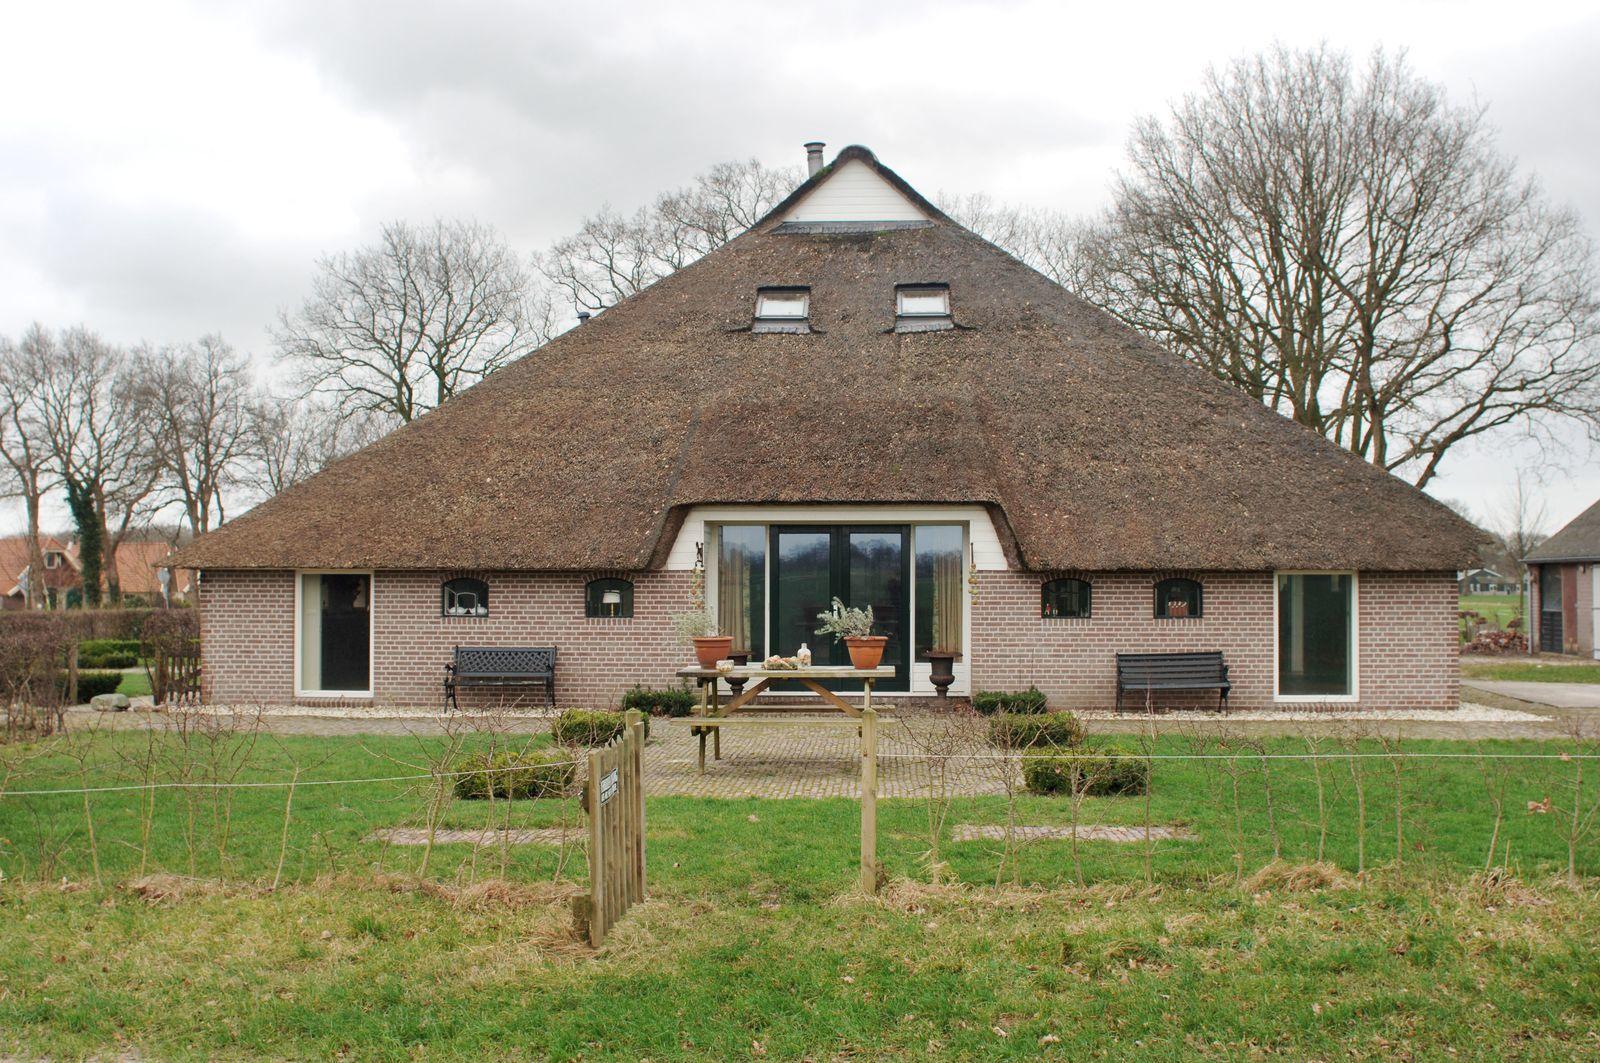 Boerderij 't Reestdal - vakantiehuis in Overijssel